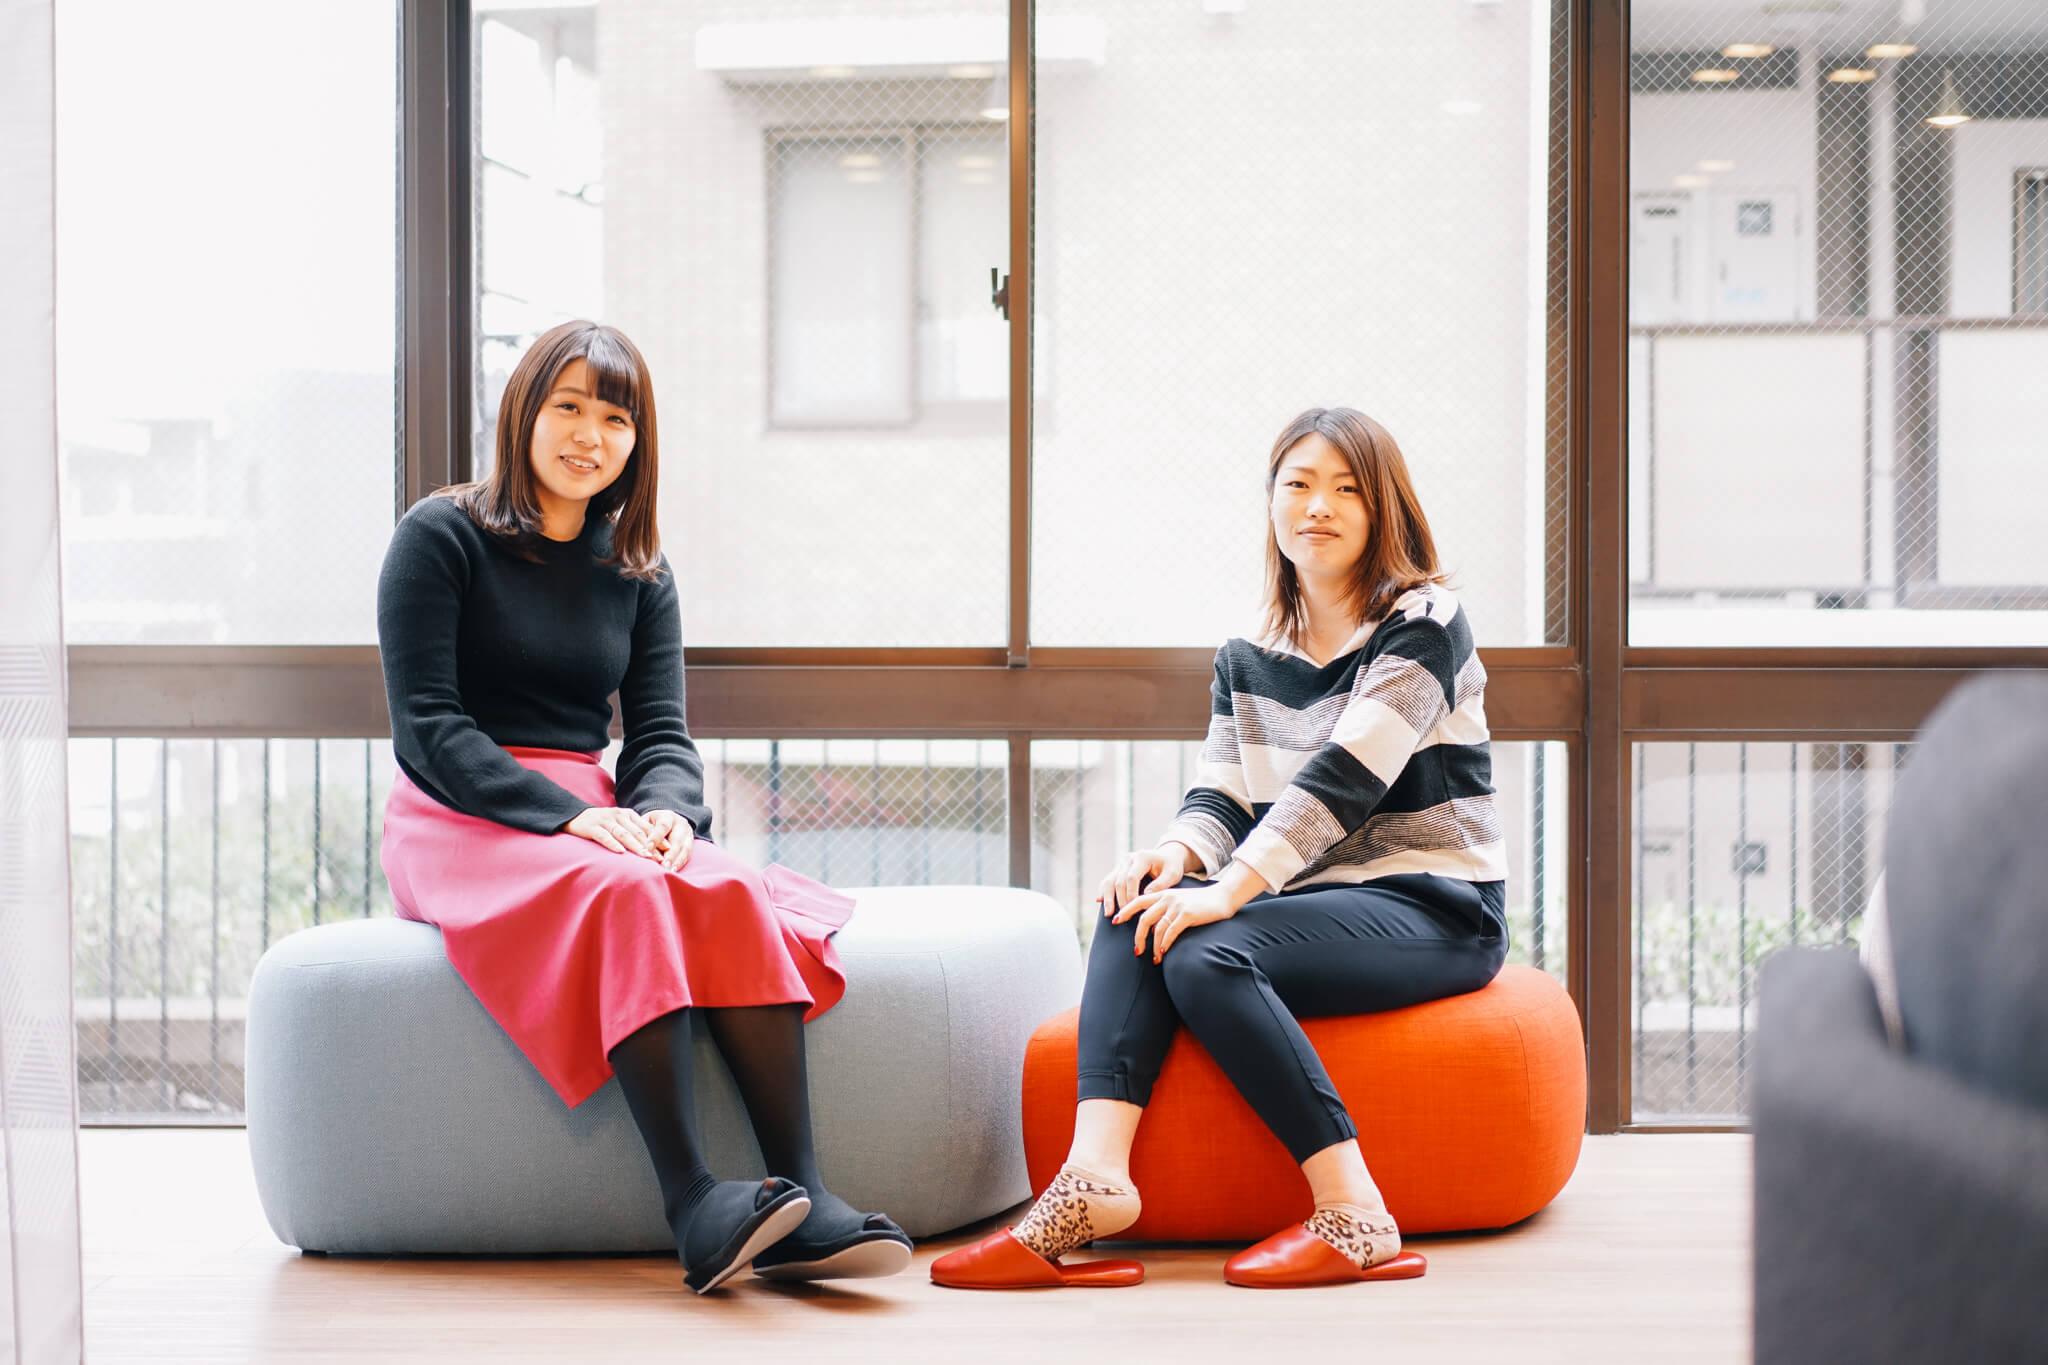 ご案内いただいたのは、ソーシャルレジデンス市ヶ尾のマネージャーに就任した、横田ひかるさん(左)と池田侑以さん(右)。住み込みで管理をしてくださいます。